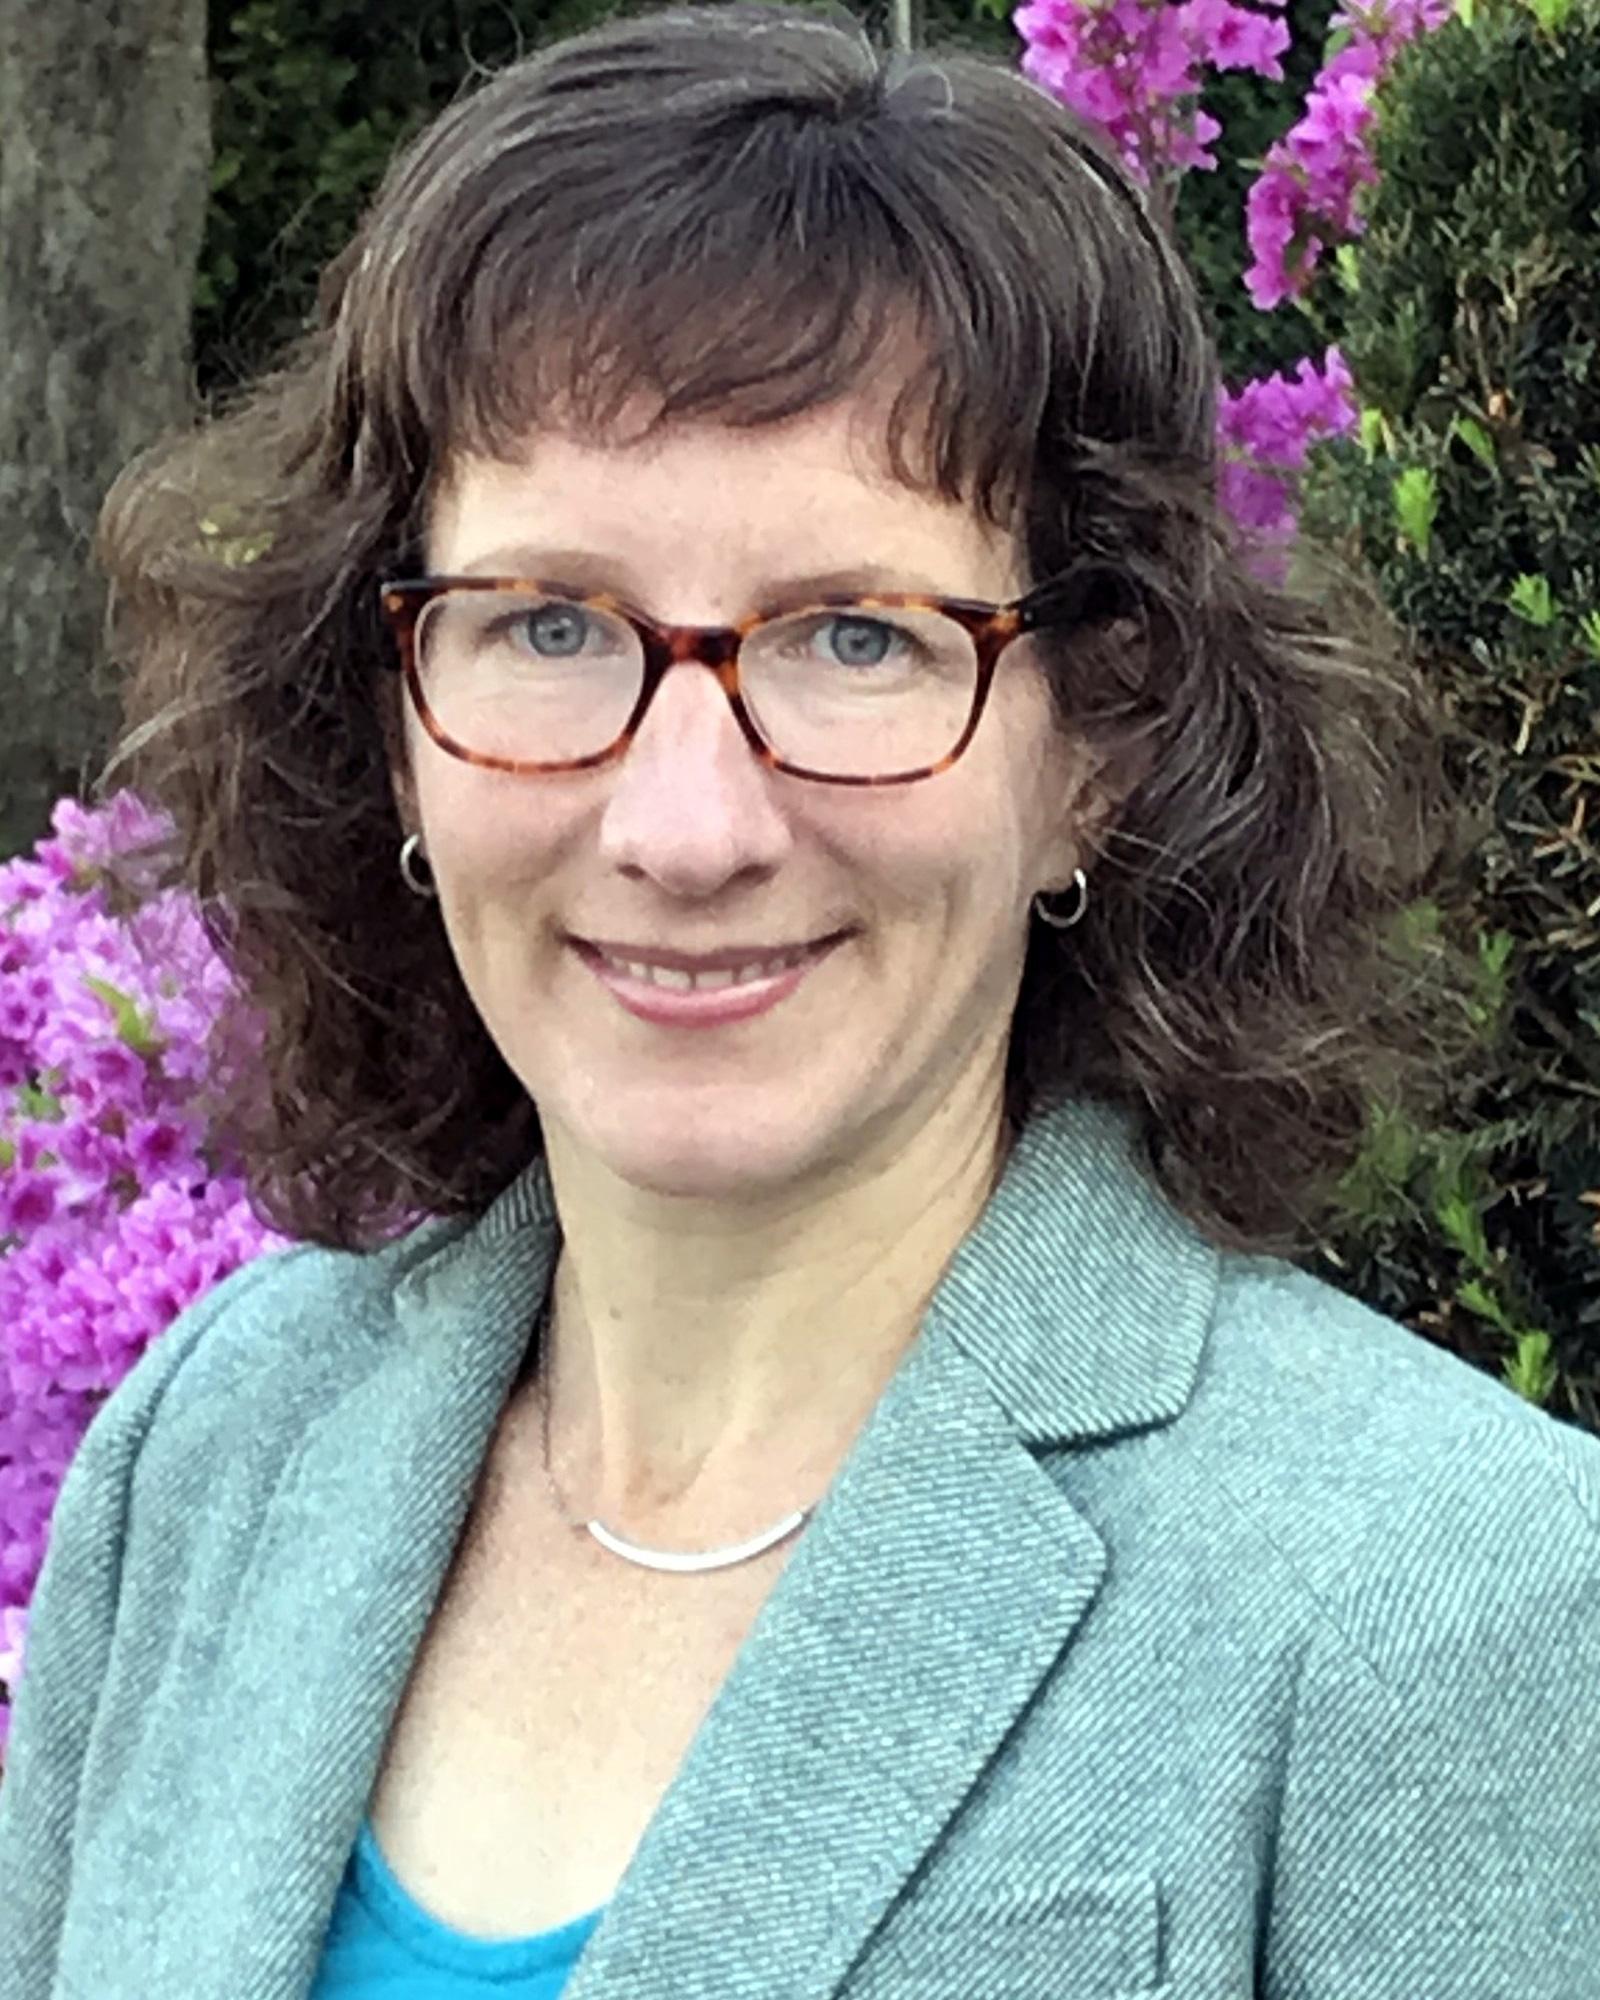 Tara Murray